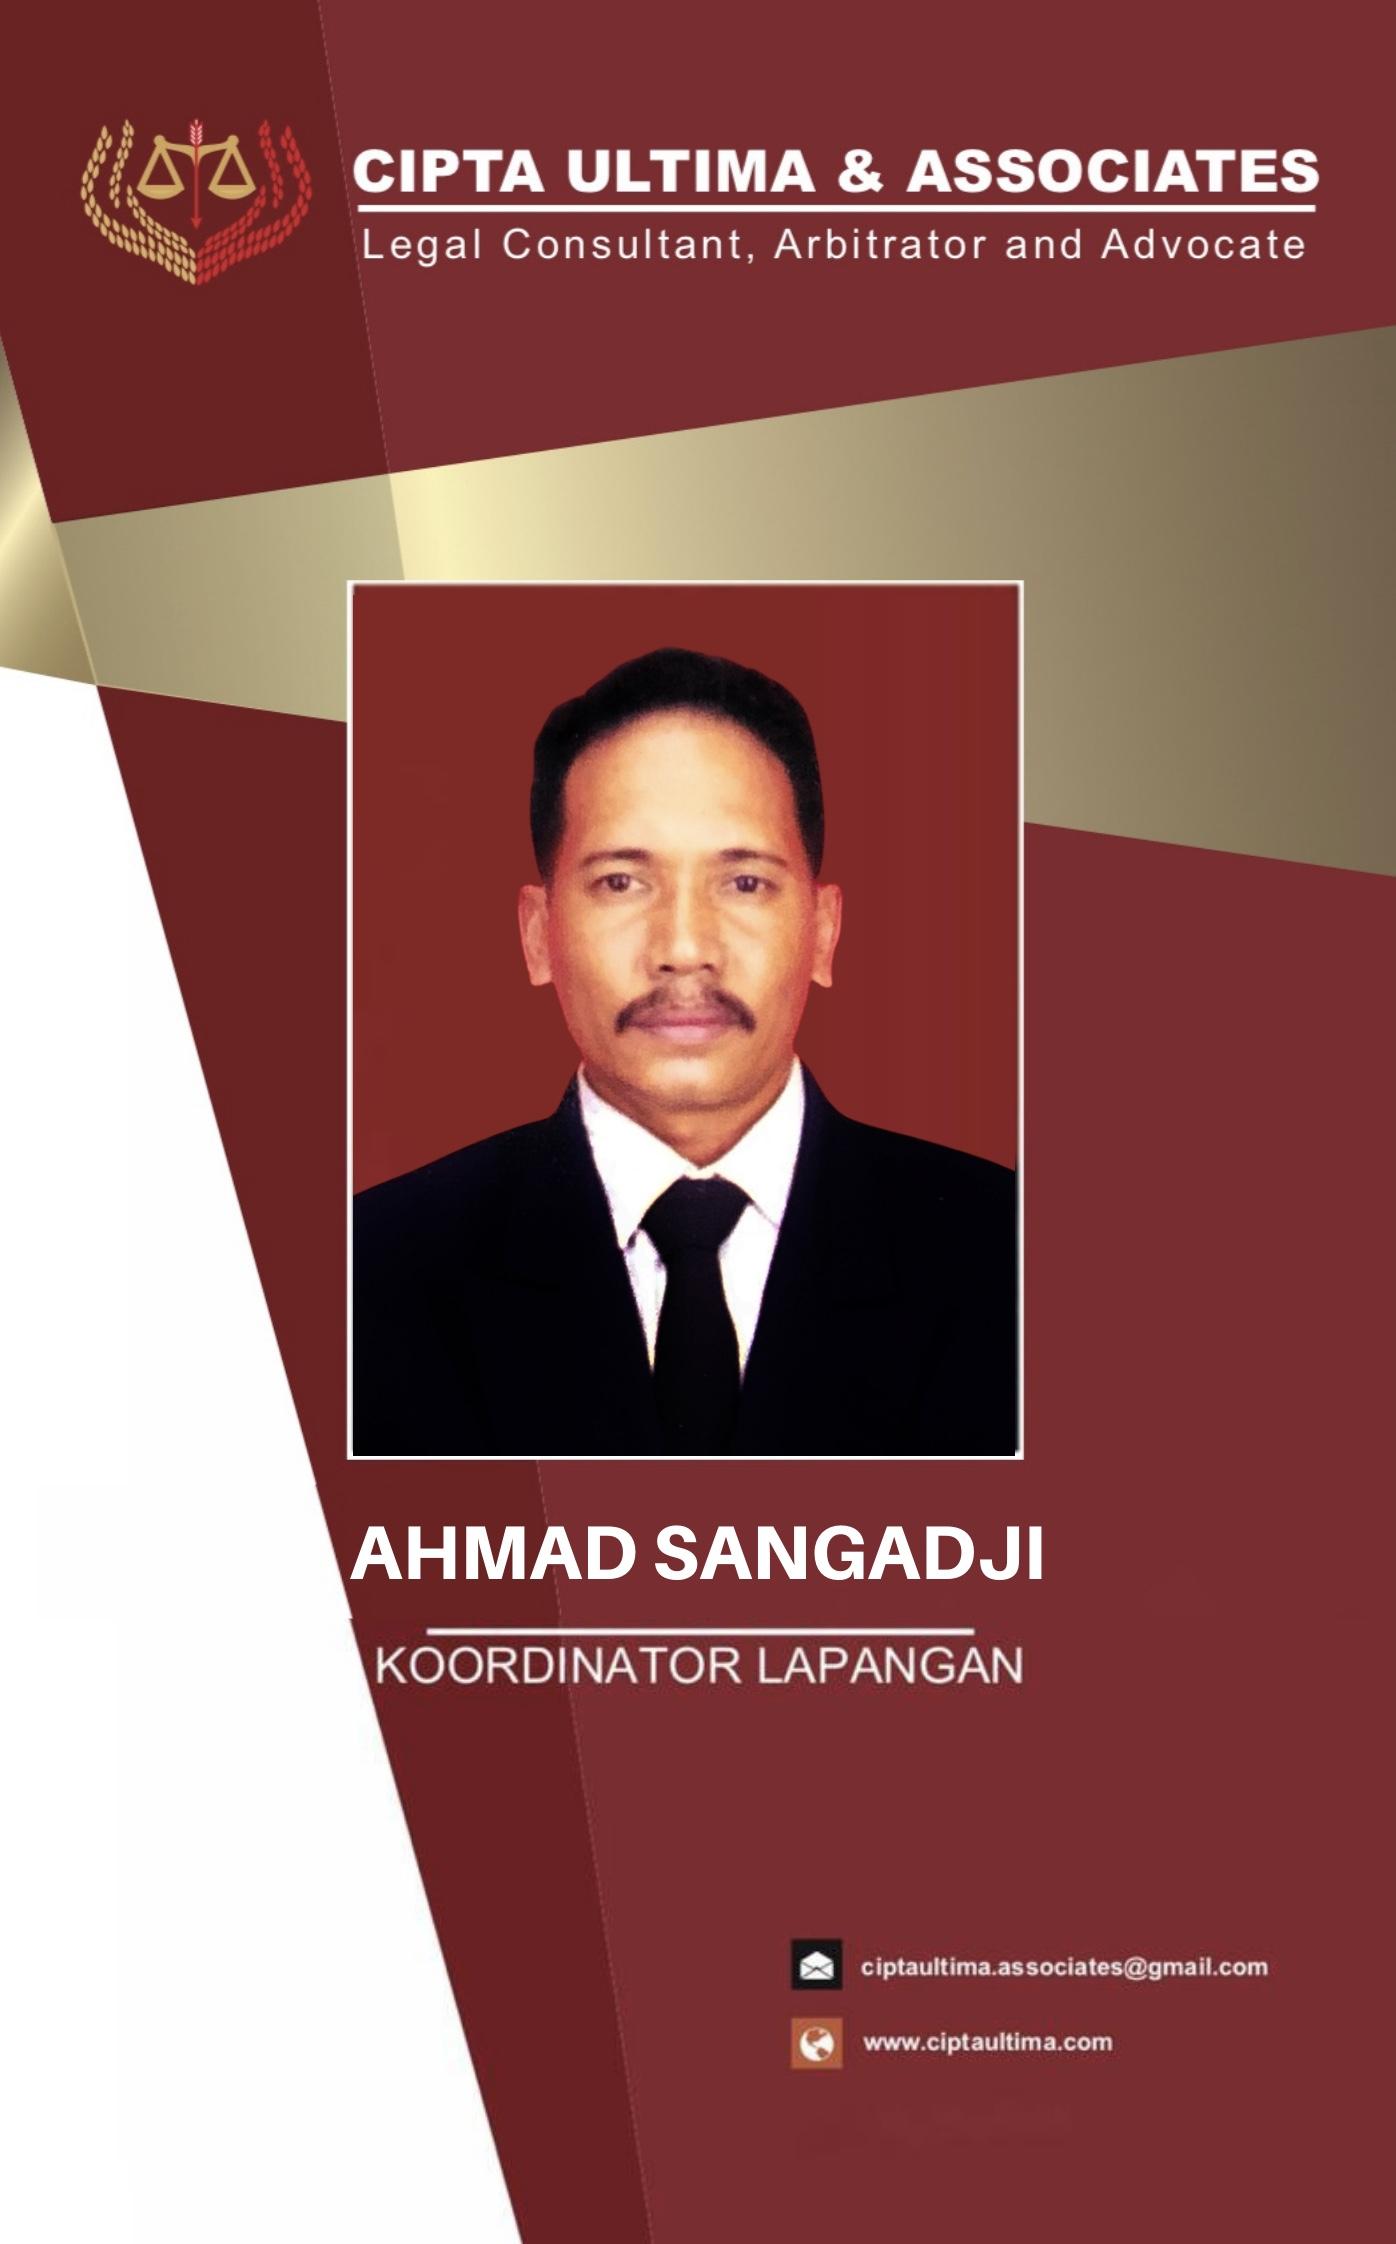 AHMAD SANGADJI